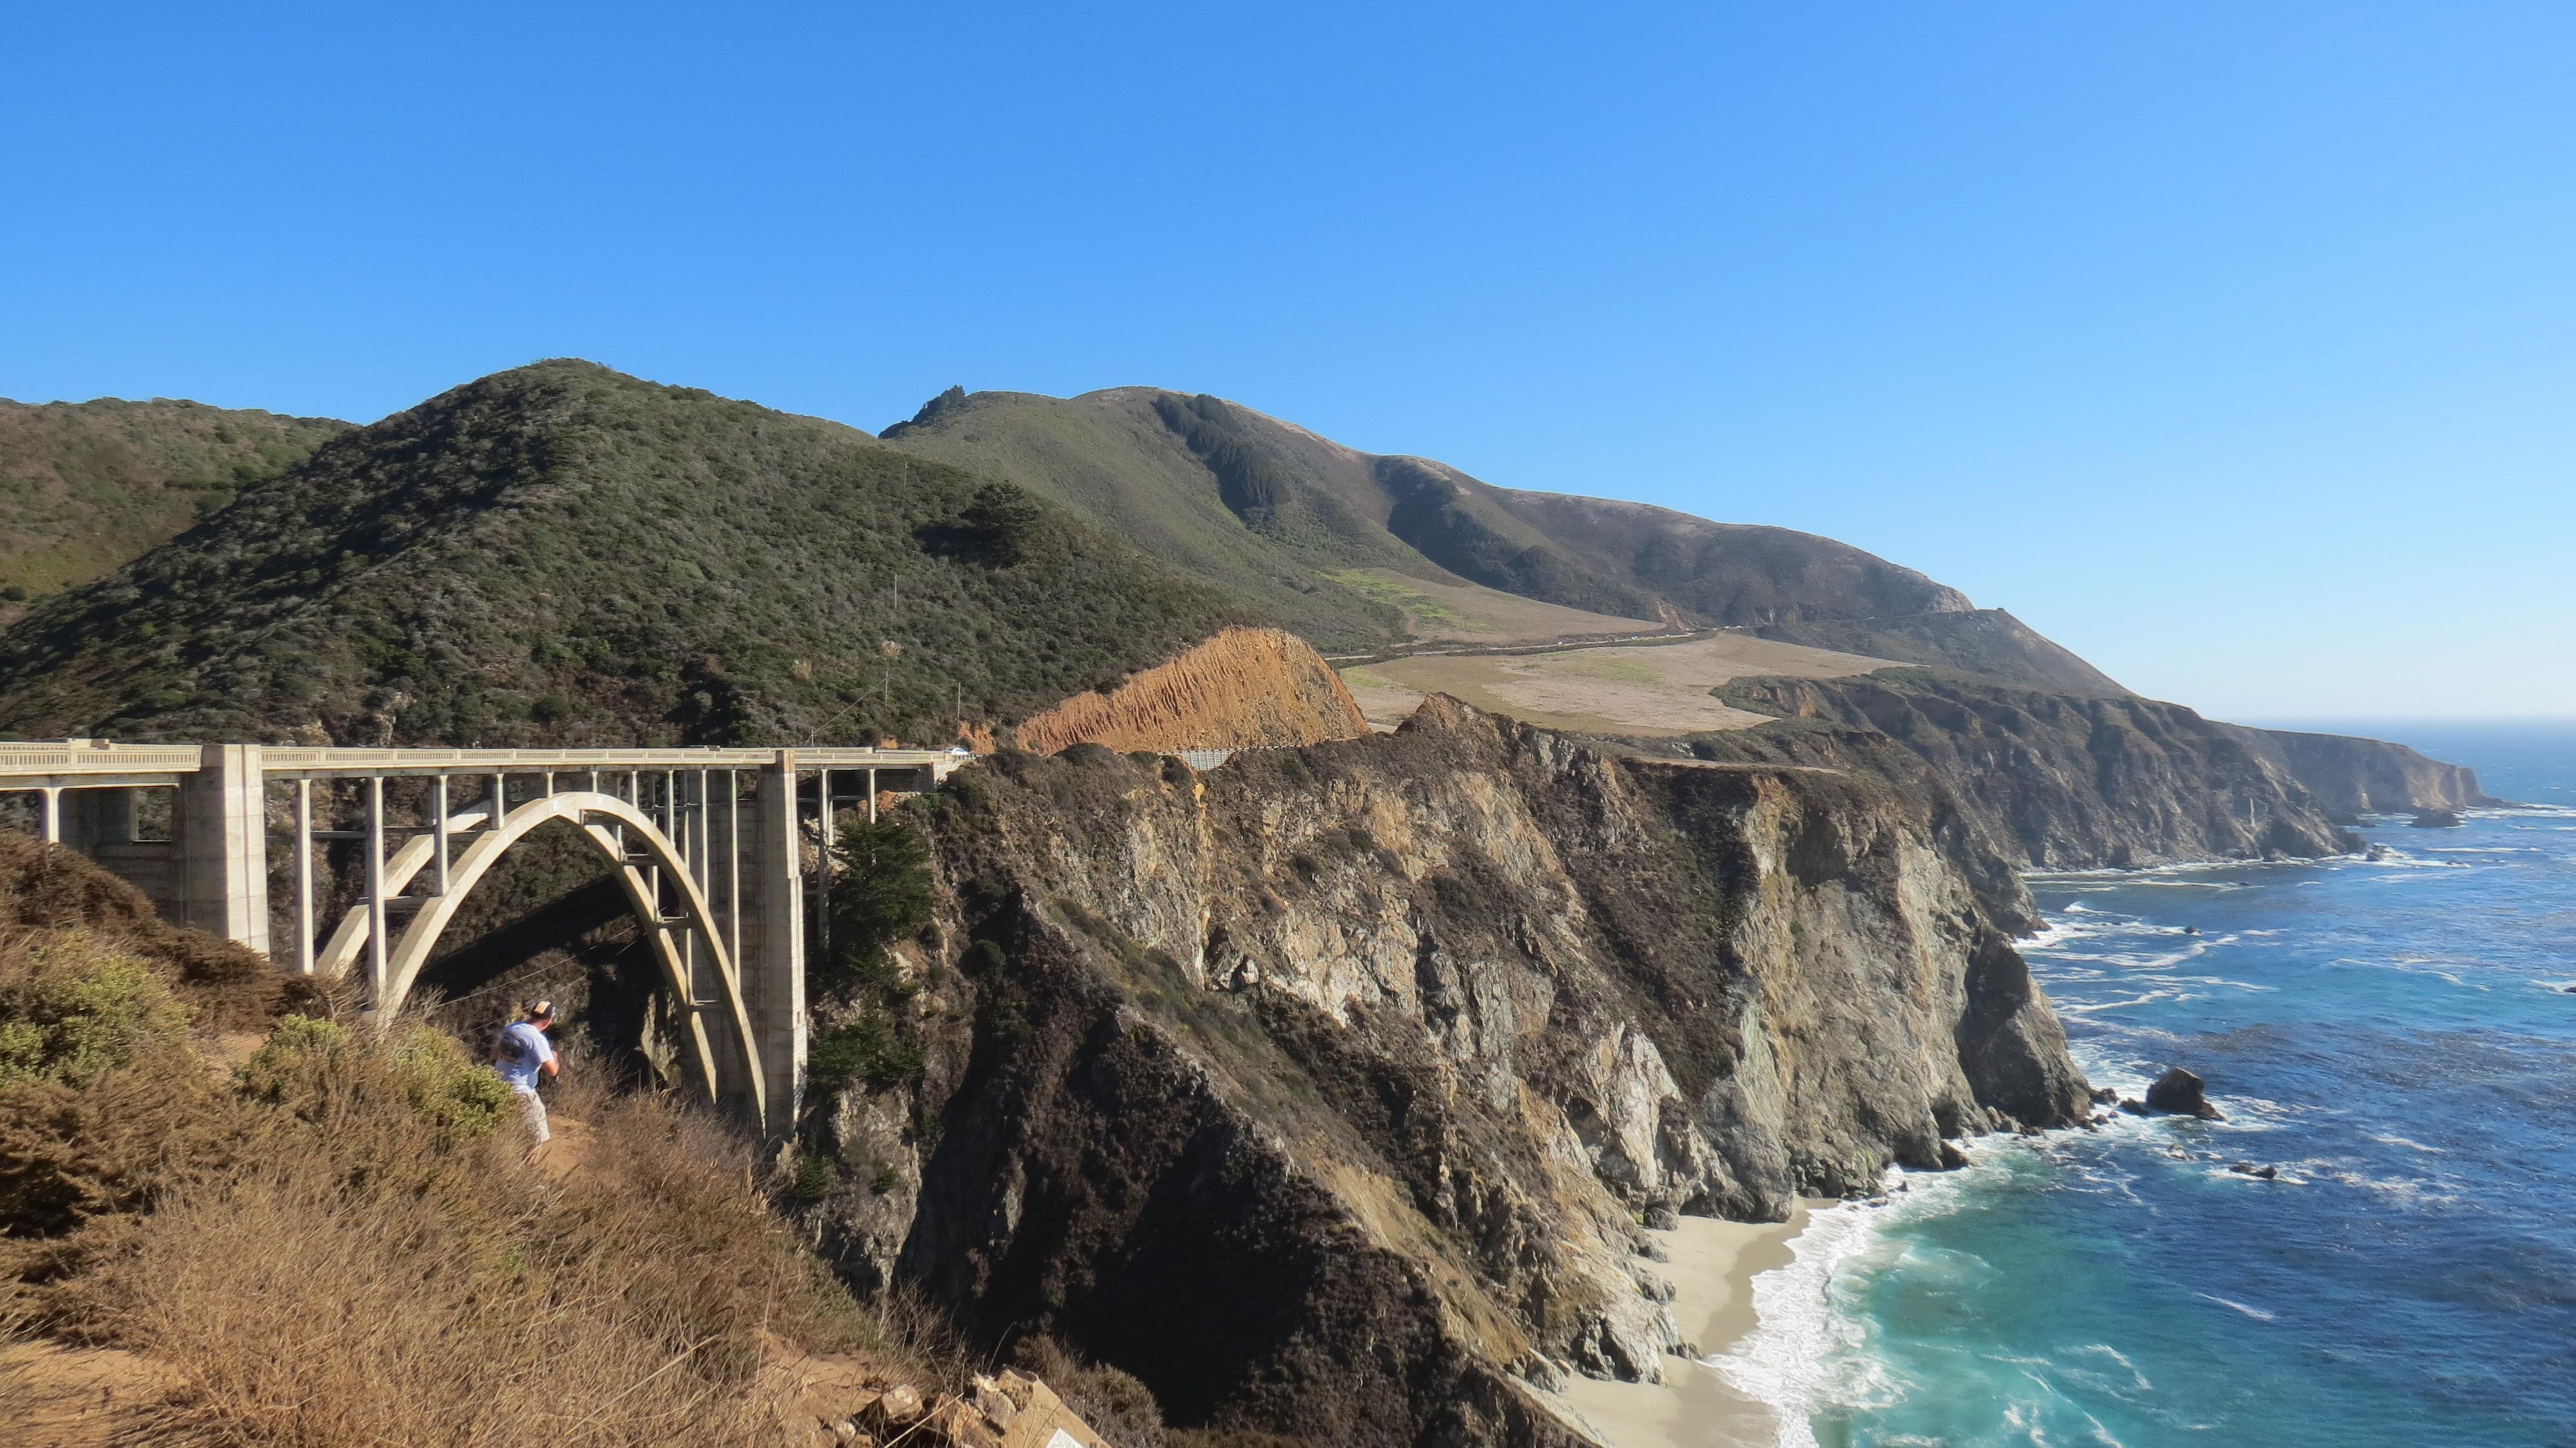 Pontes como esta, de 1932, tornam a paisagem ainda mais fotogênica. Estacione e desça pela trilha (habitada por esquilos) para encontrar o melhor ângulo. Este é um dos cenários que você ainda pode aproveitar no Big Sur, mesmo com a estrada interditada.